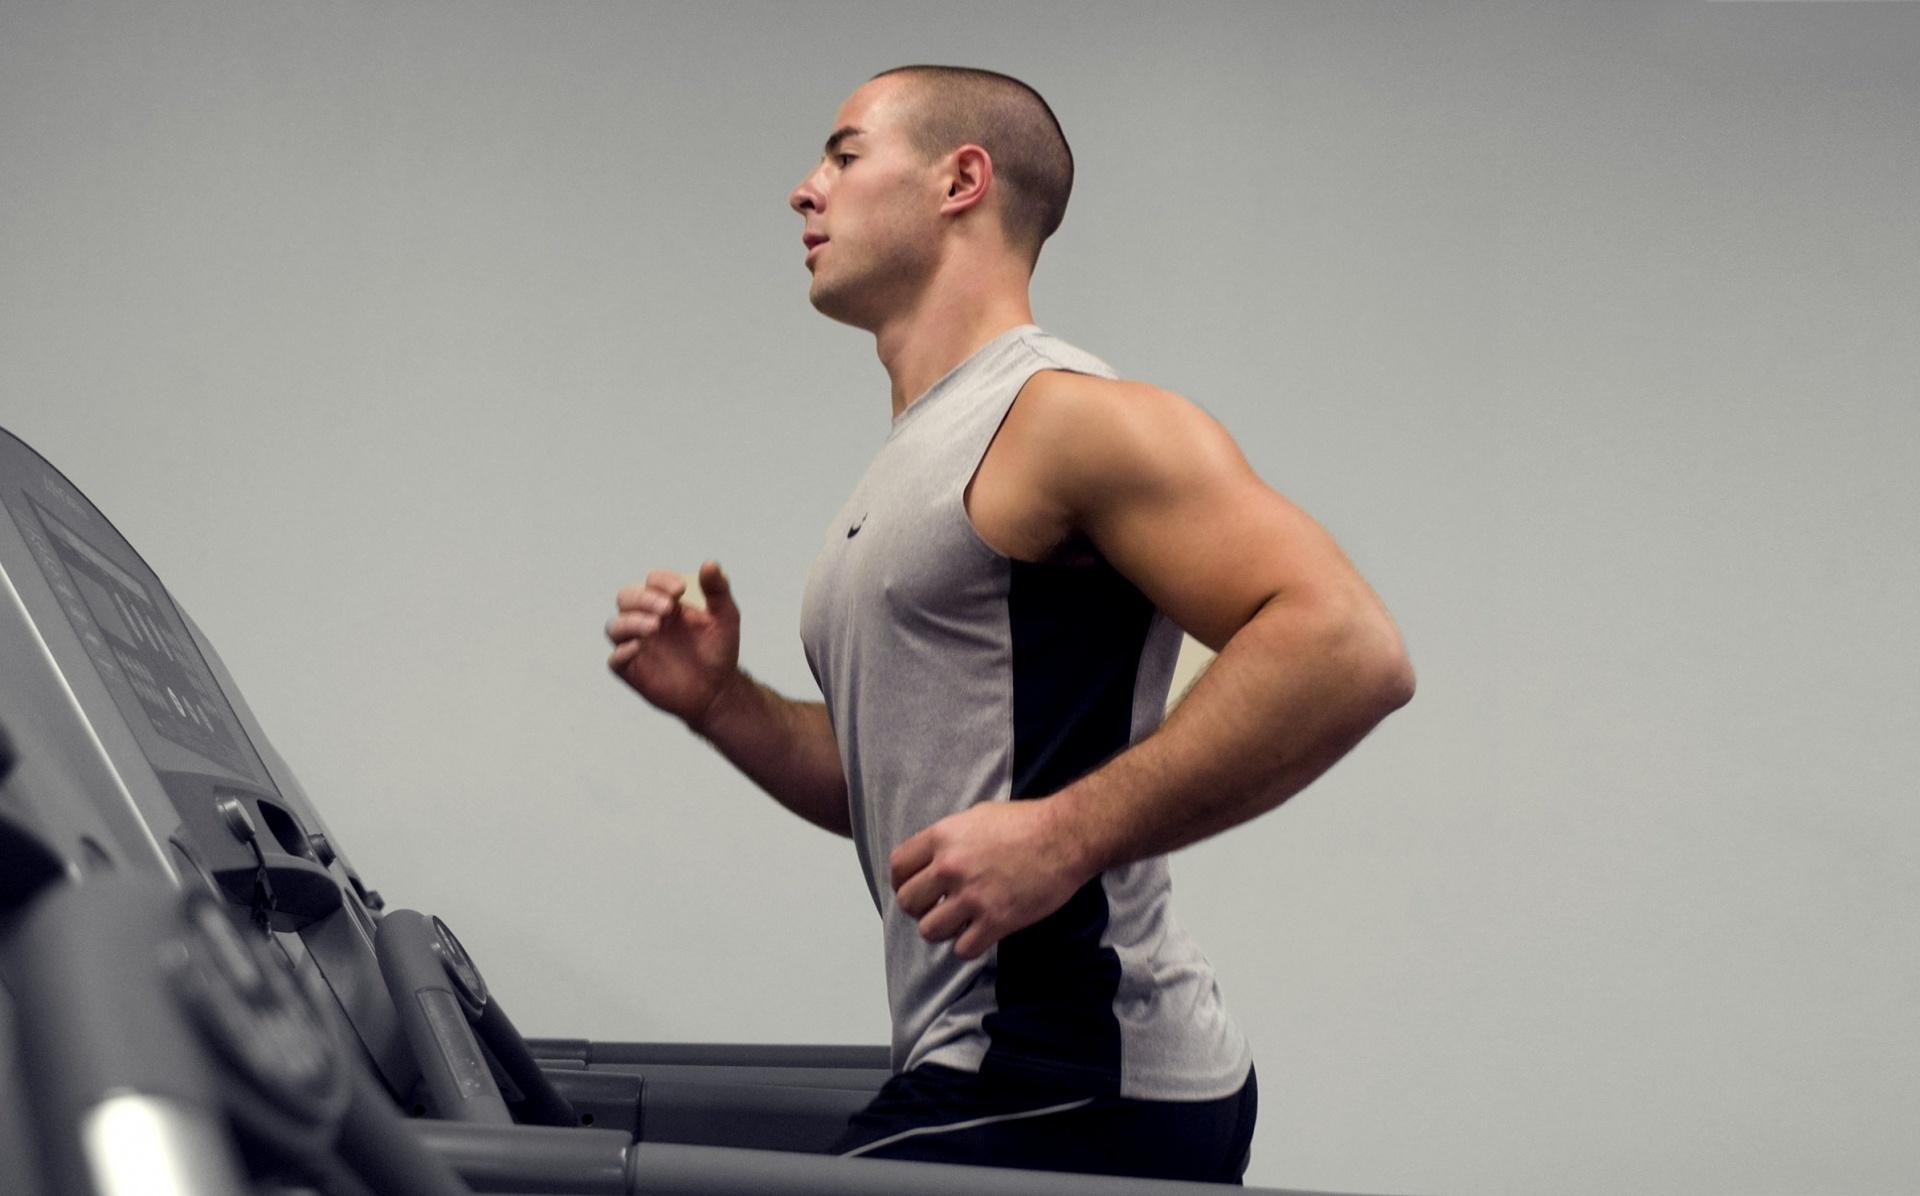 runner on treadmill educated running